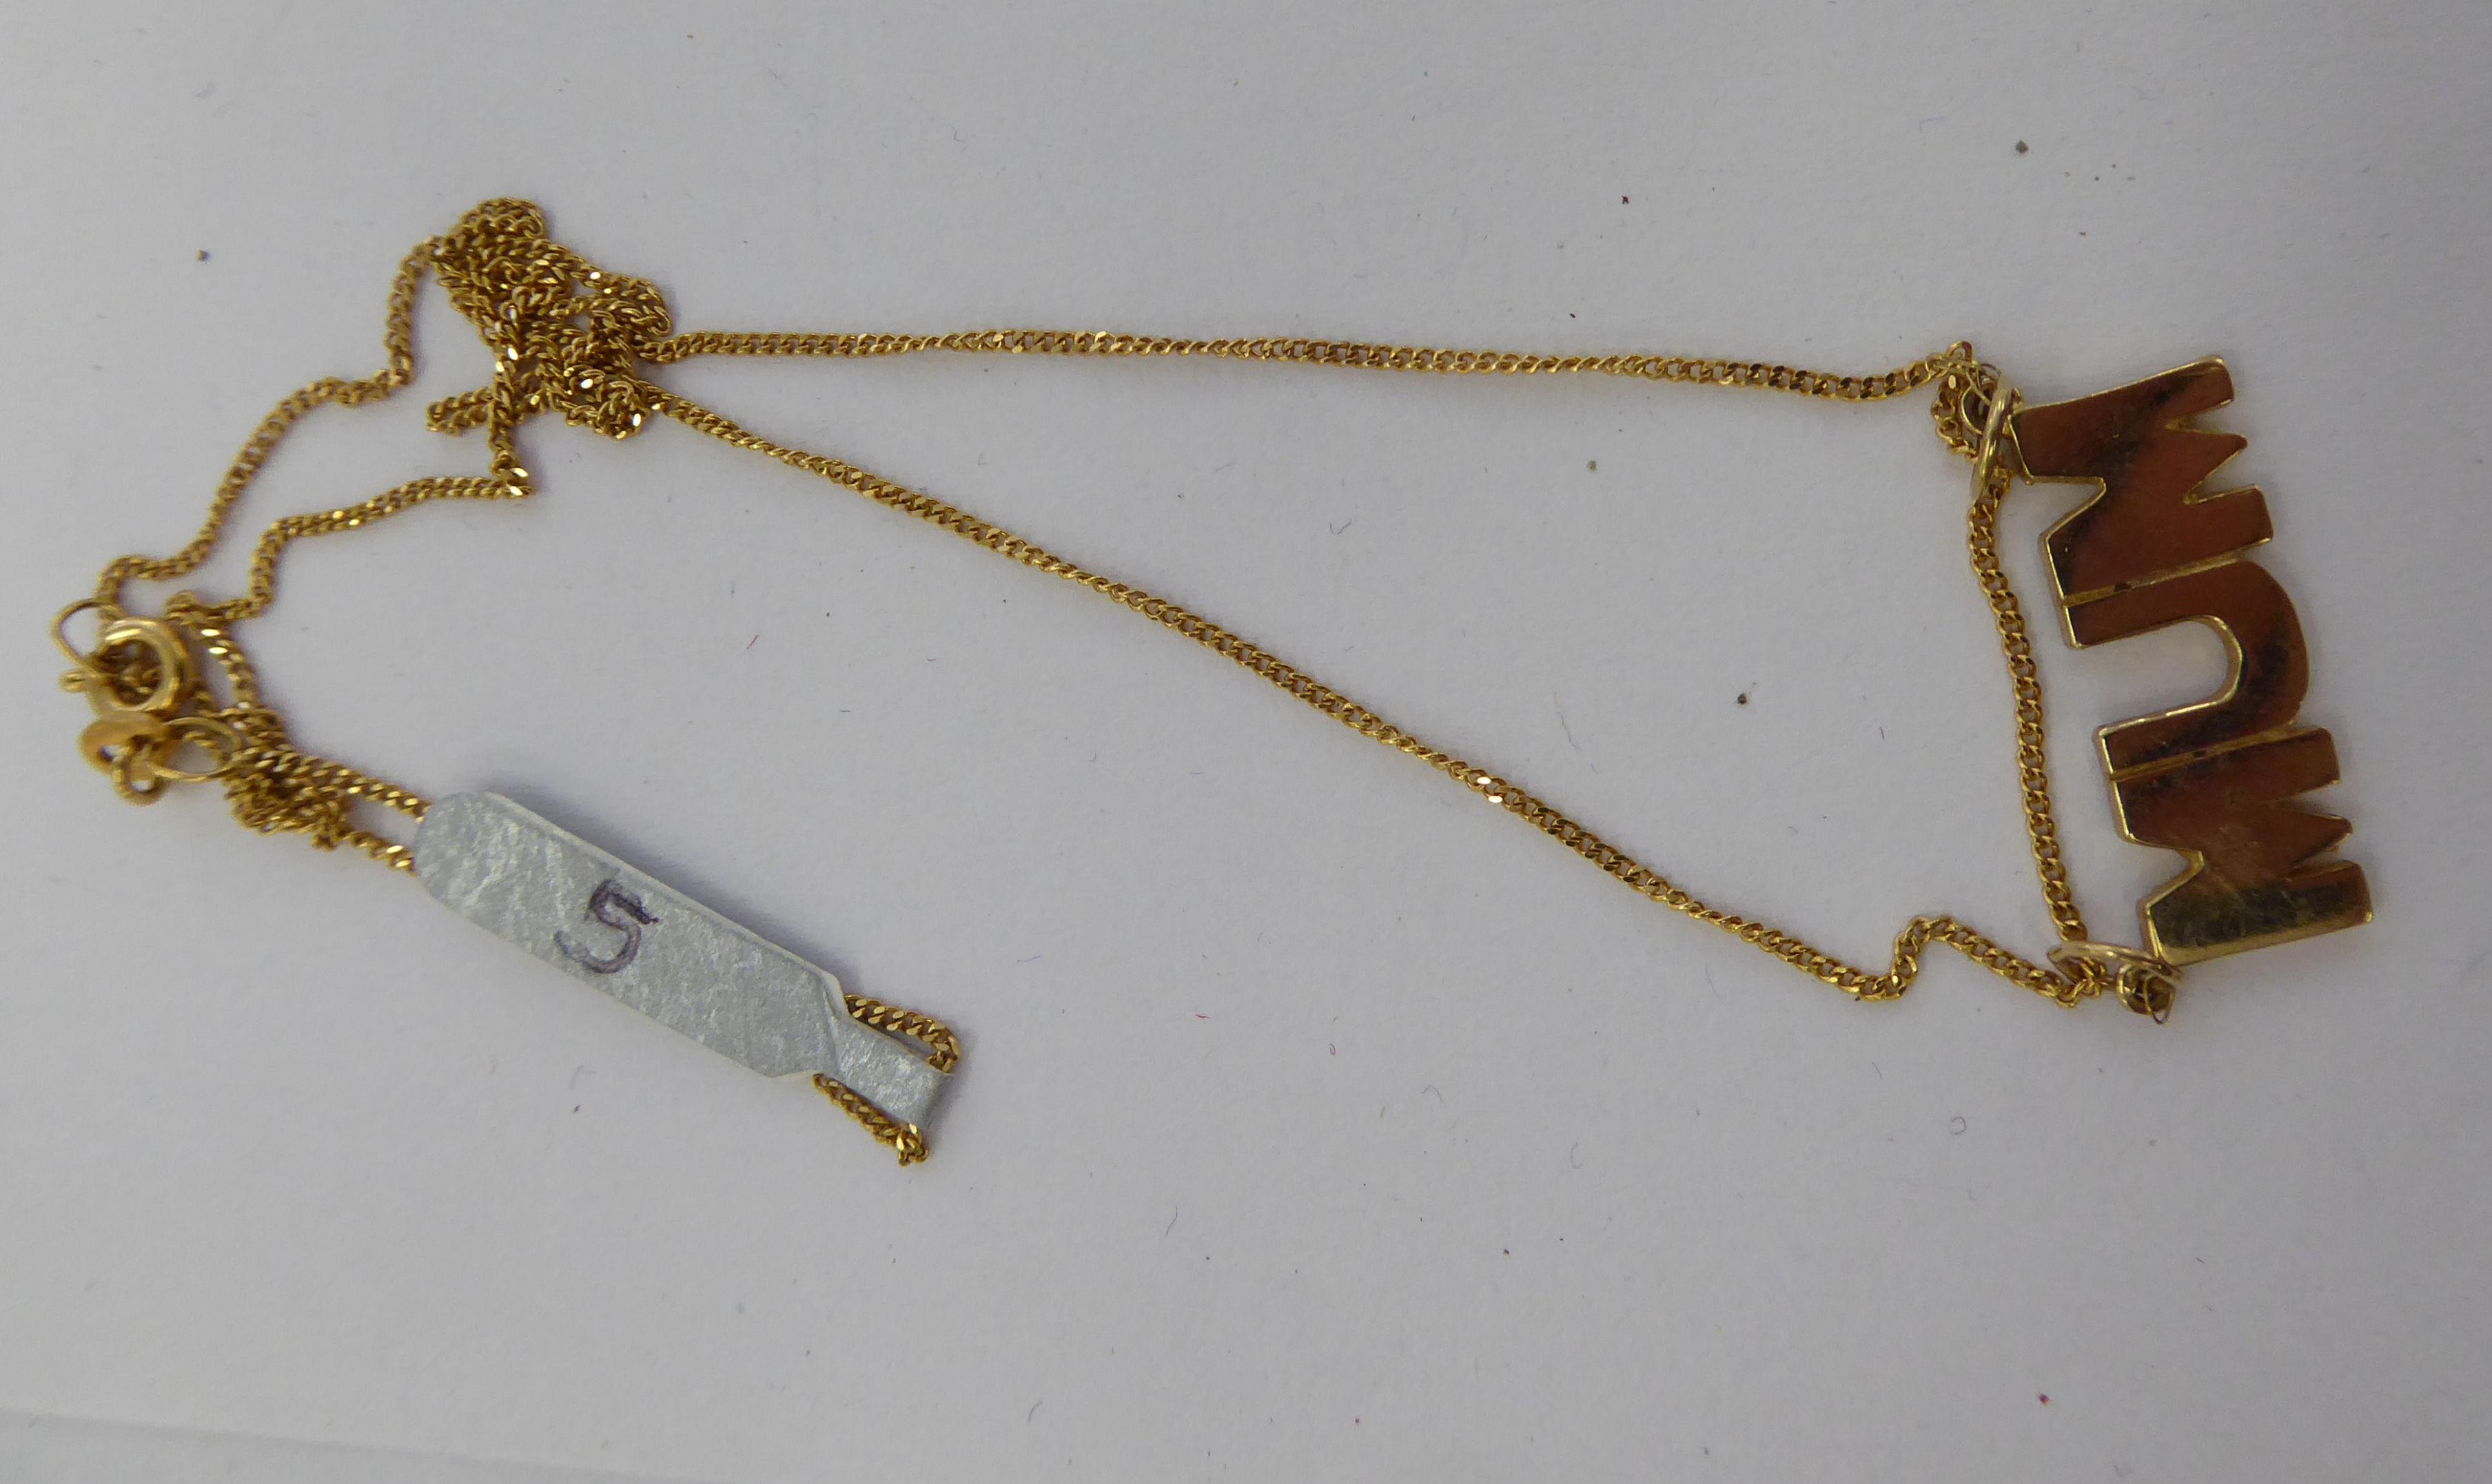 Lot 17 - A 9ct gold pendant necklace 'Mum' 11